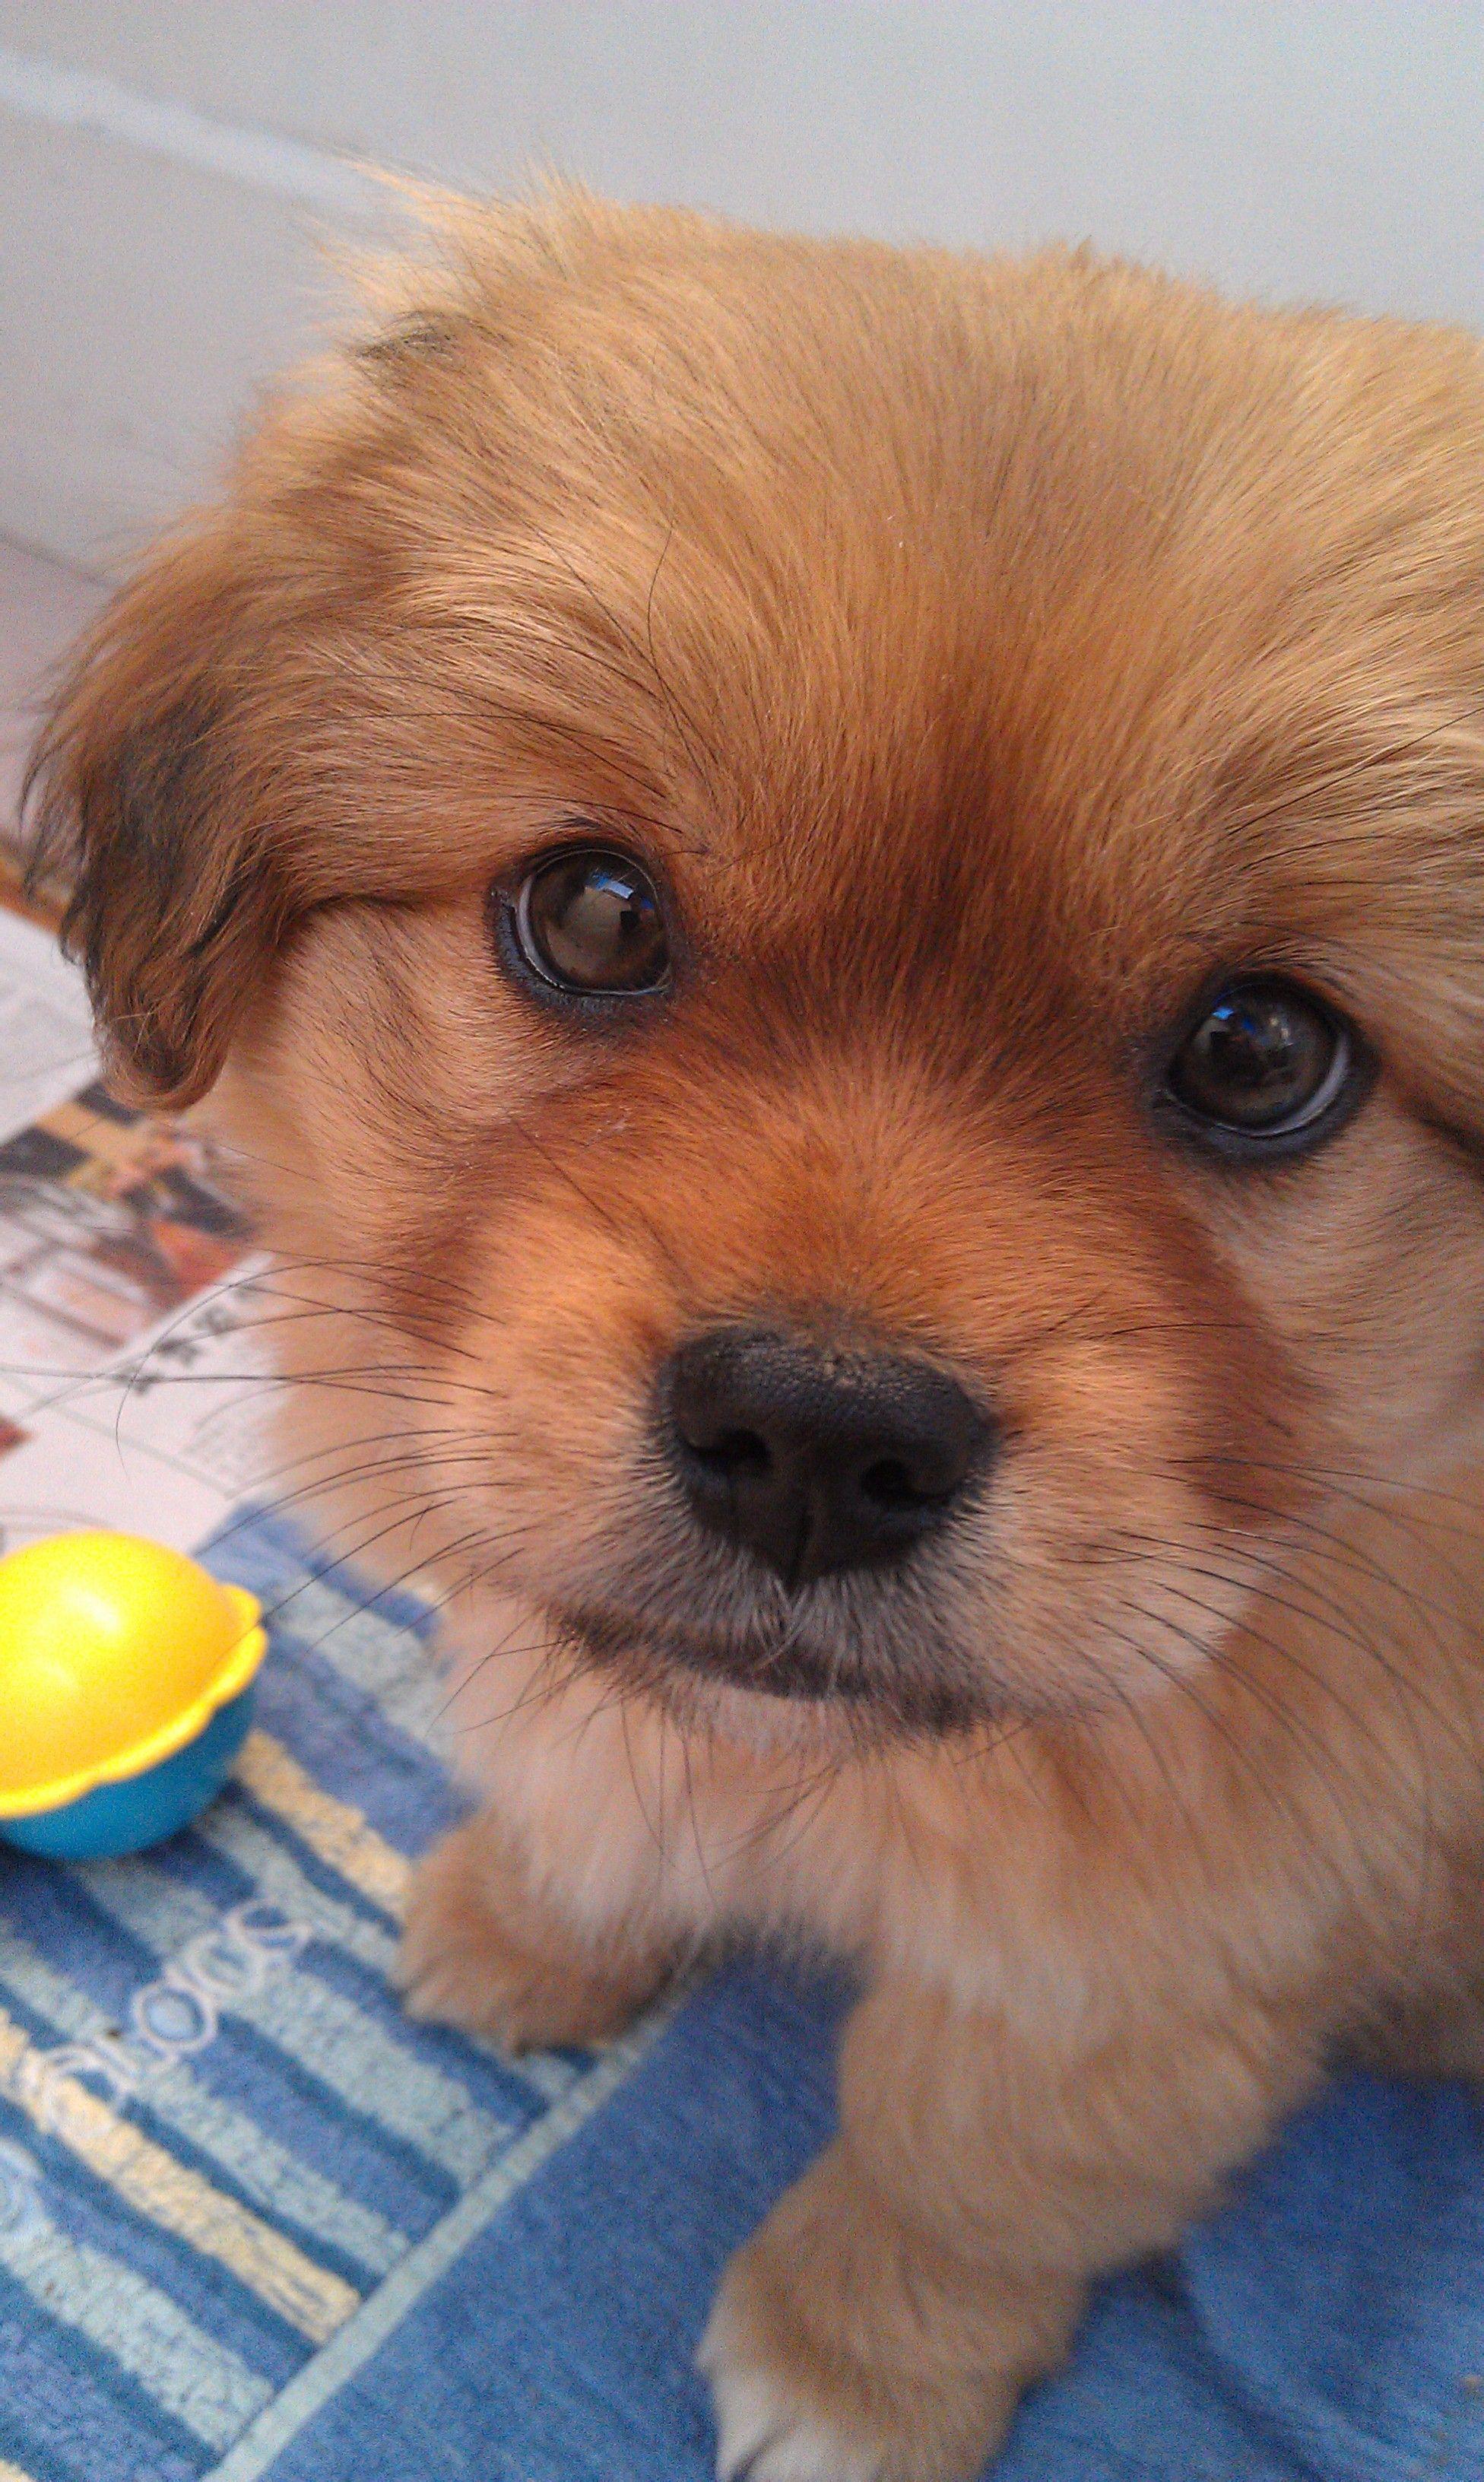 宠物狗图片和名字_狗狗大全及品种-狗狗图片,狗狗品种及价格,狗狗名字,中国狗狗大全